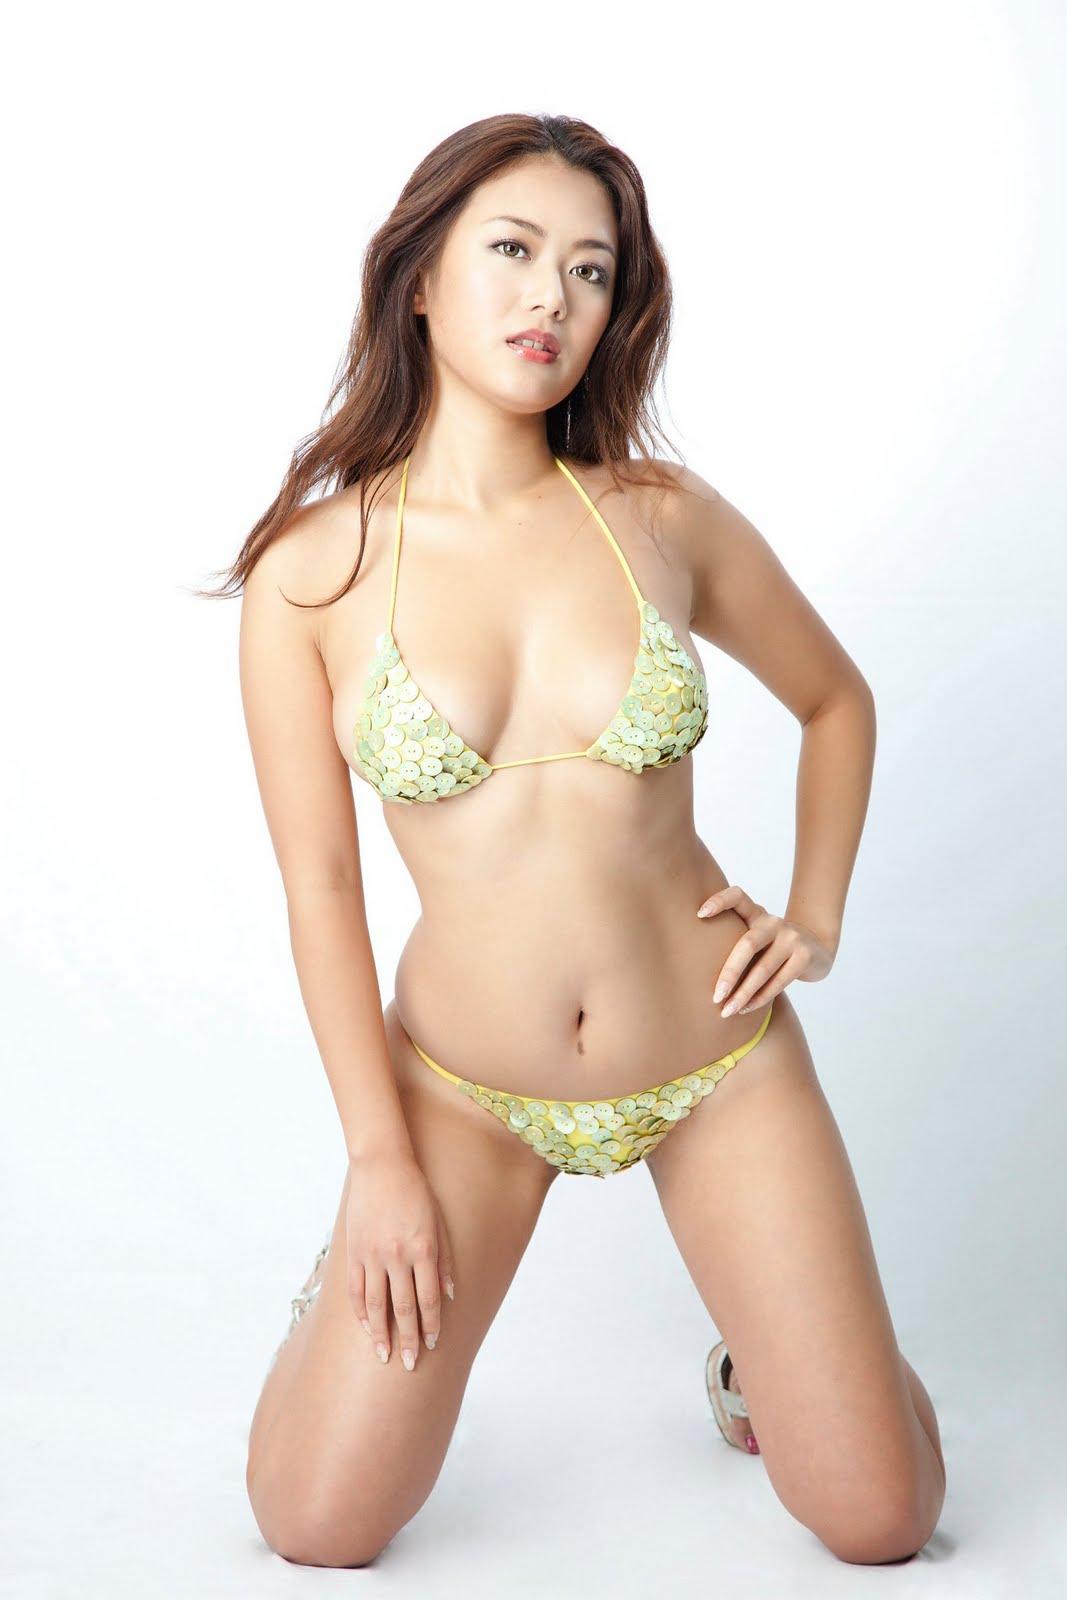 pics of midget porn